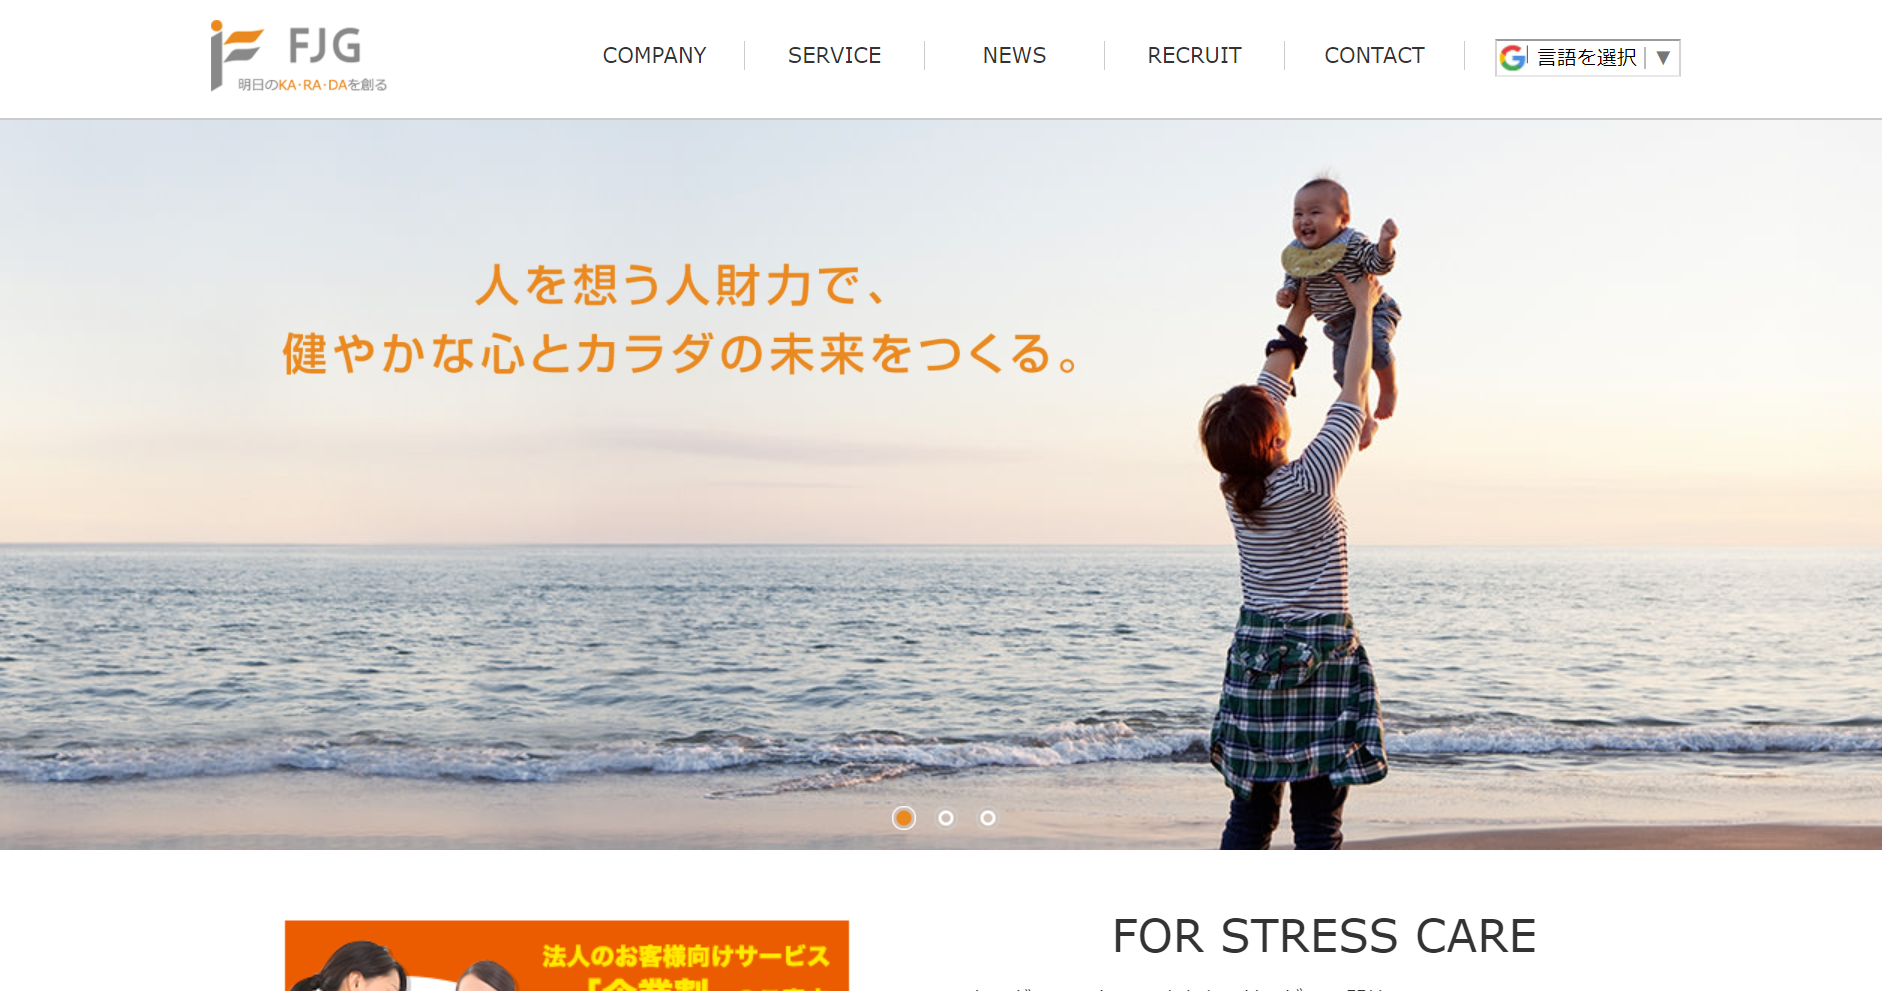 ファクトリージャパングループの評判・口コミ